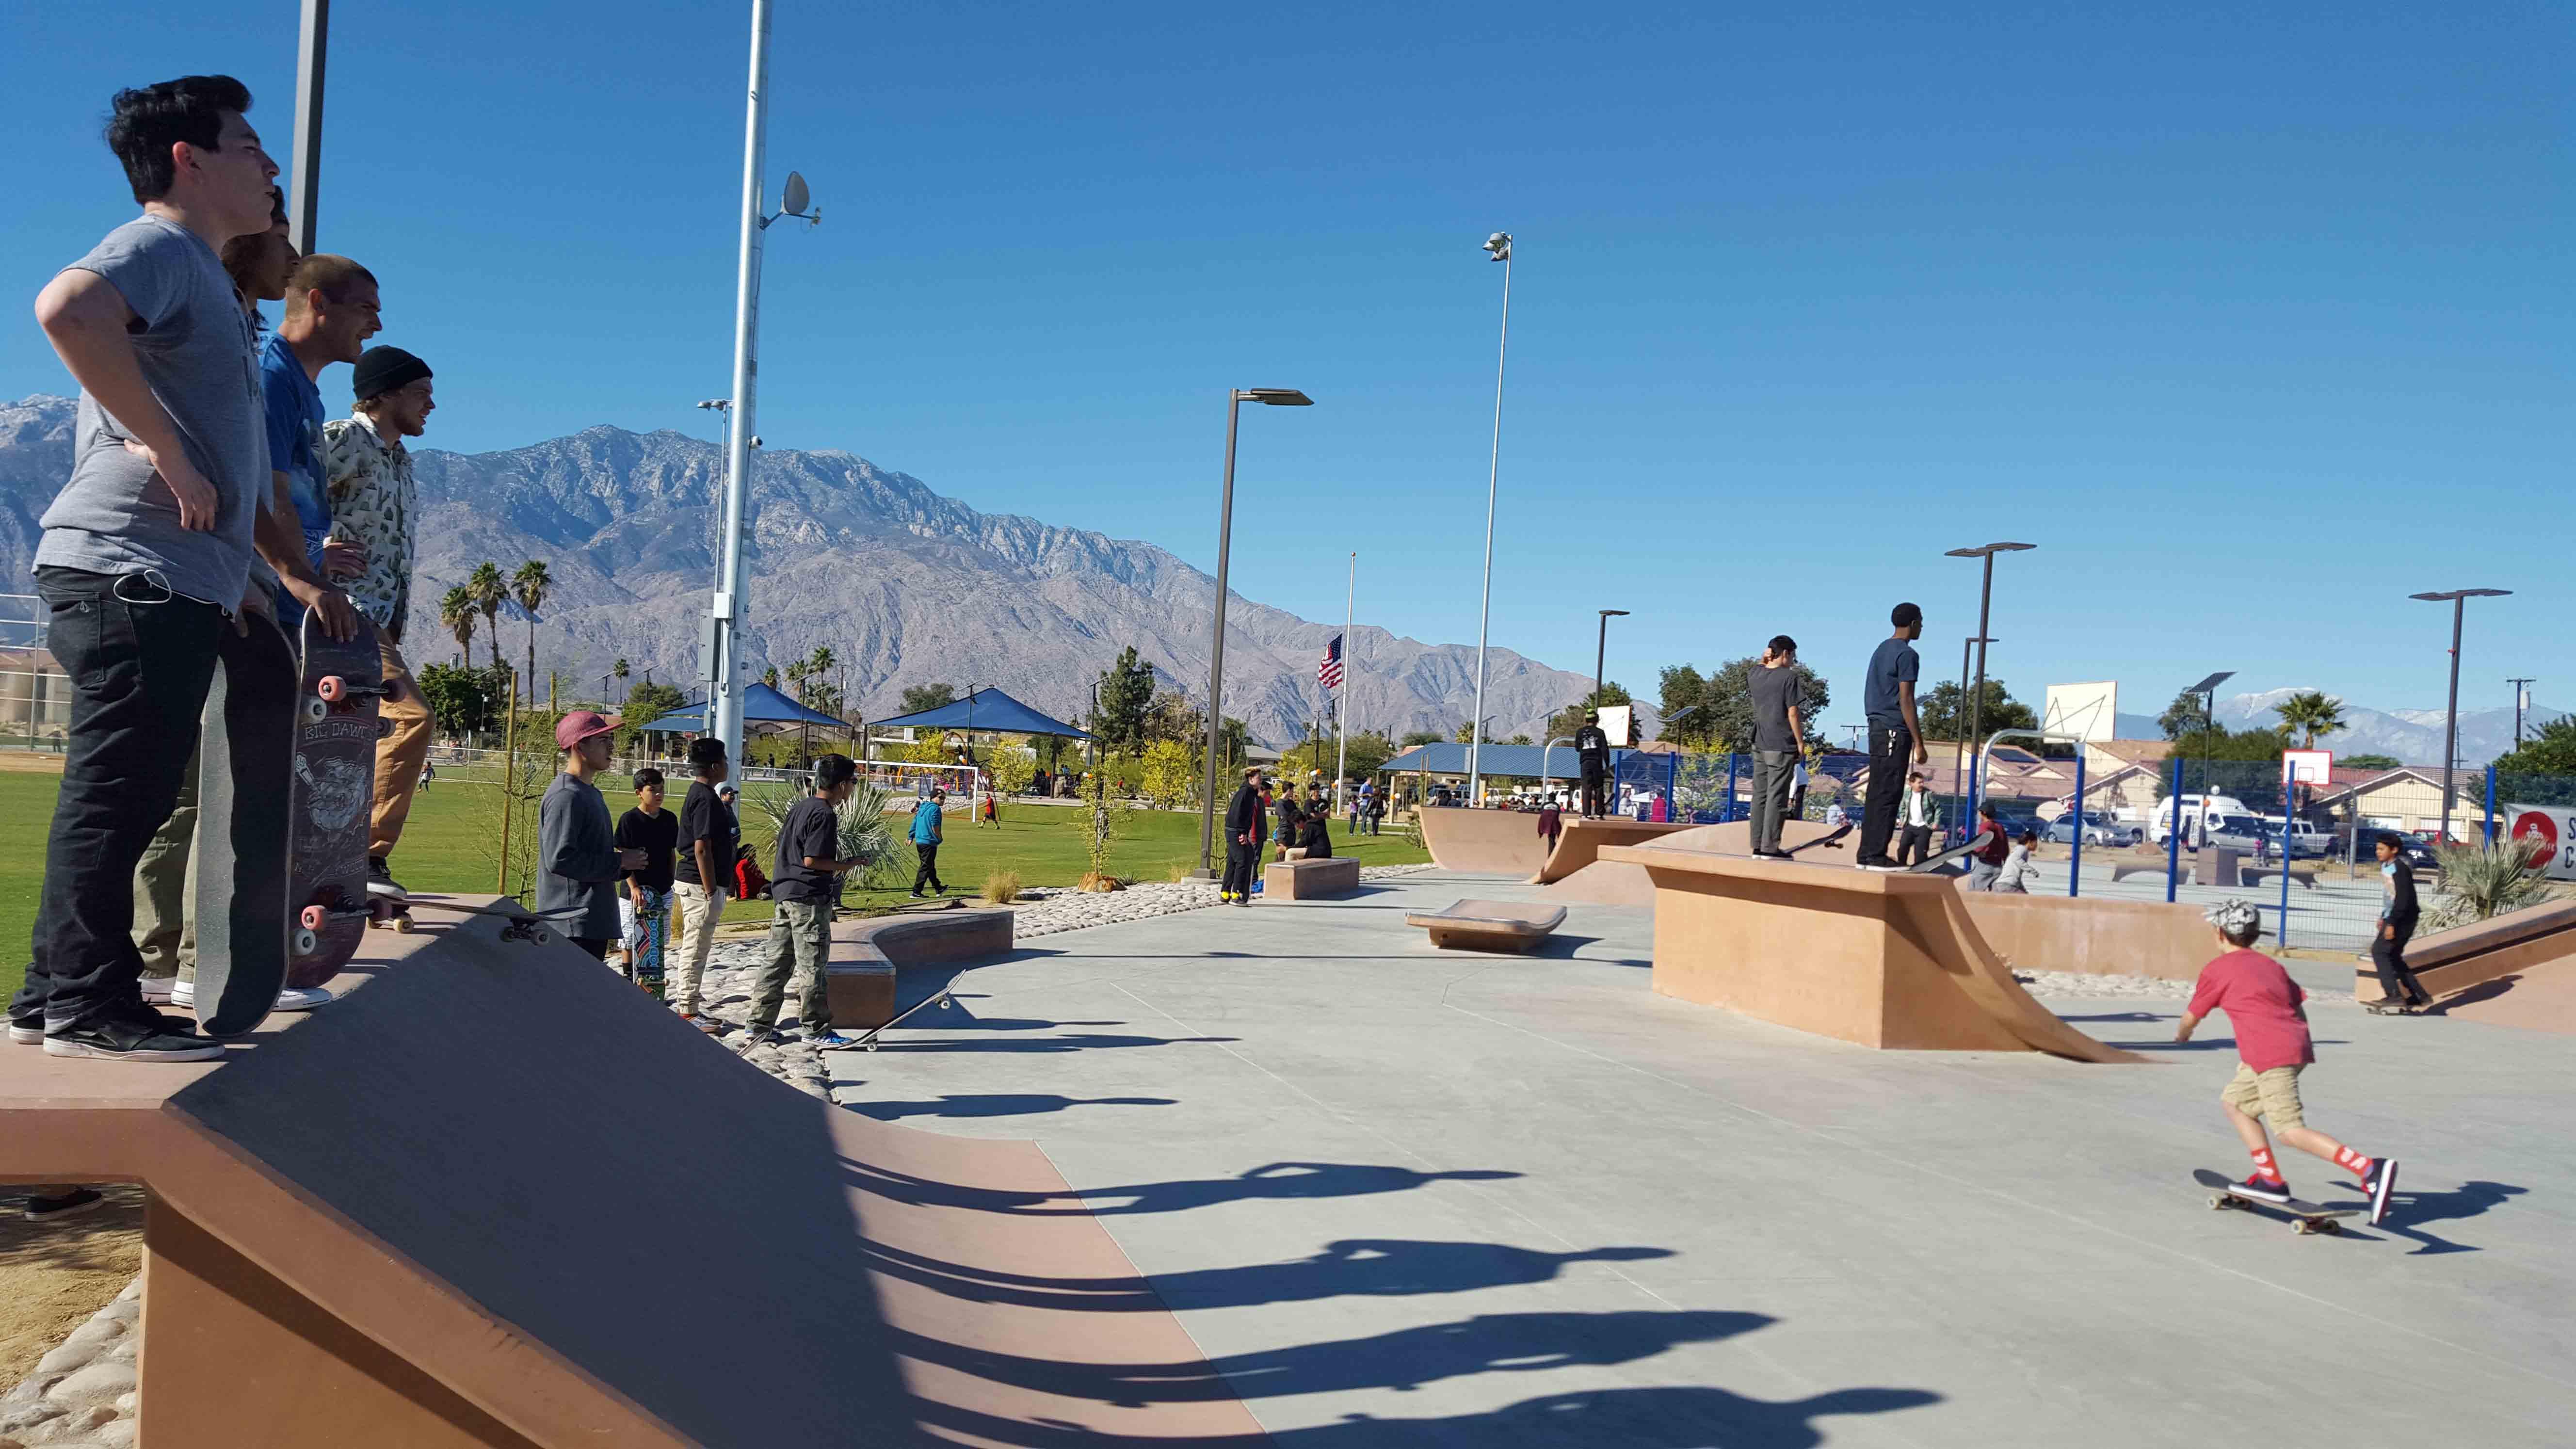 ocotilla-skate-park